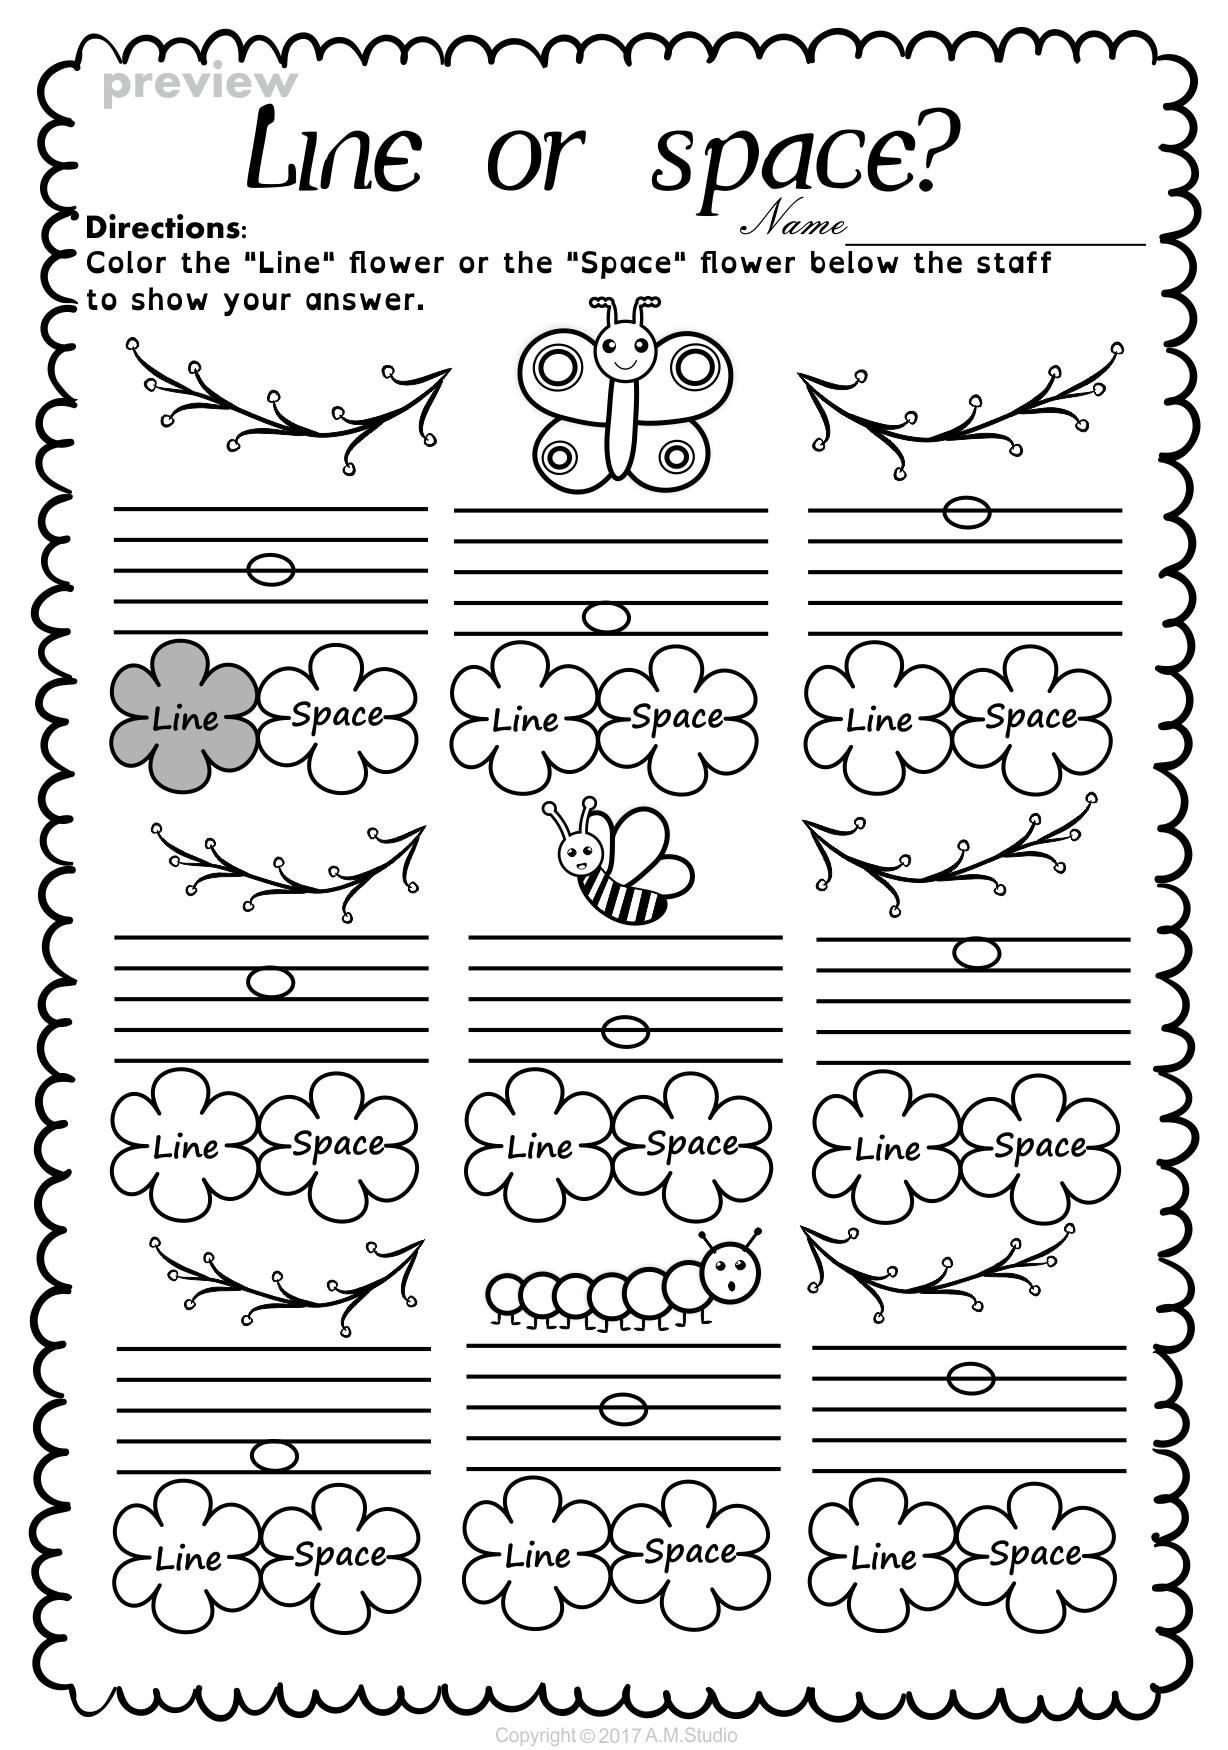 Lines And Spaces Spring Worksheet Pack Anastasiya Multimedia Studio Music Worksheets Teaching Music Notes Elementary Music Worksheets [ 1750 x 1228 Pixel ]